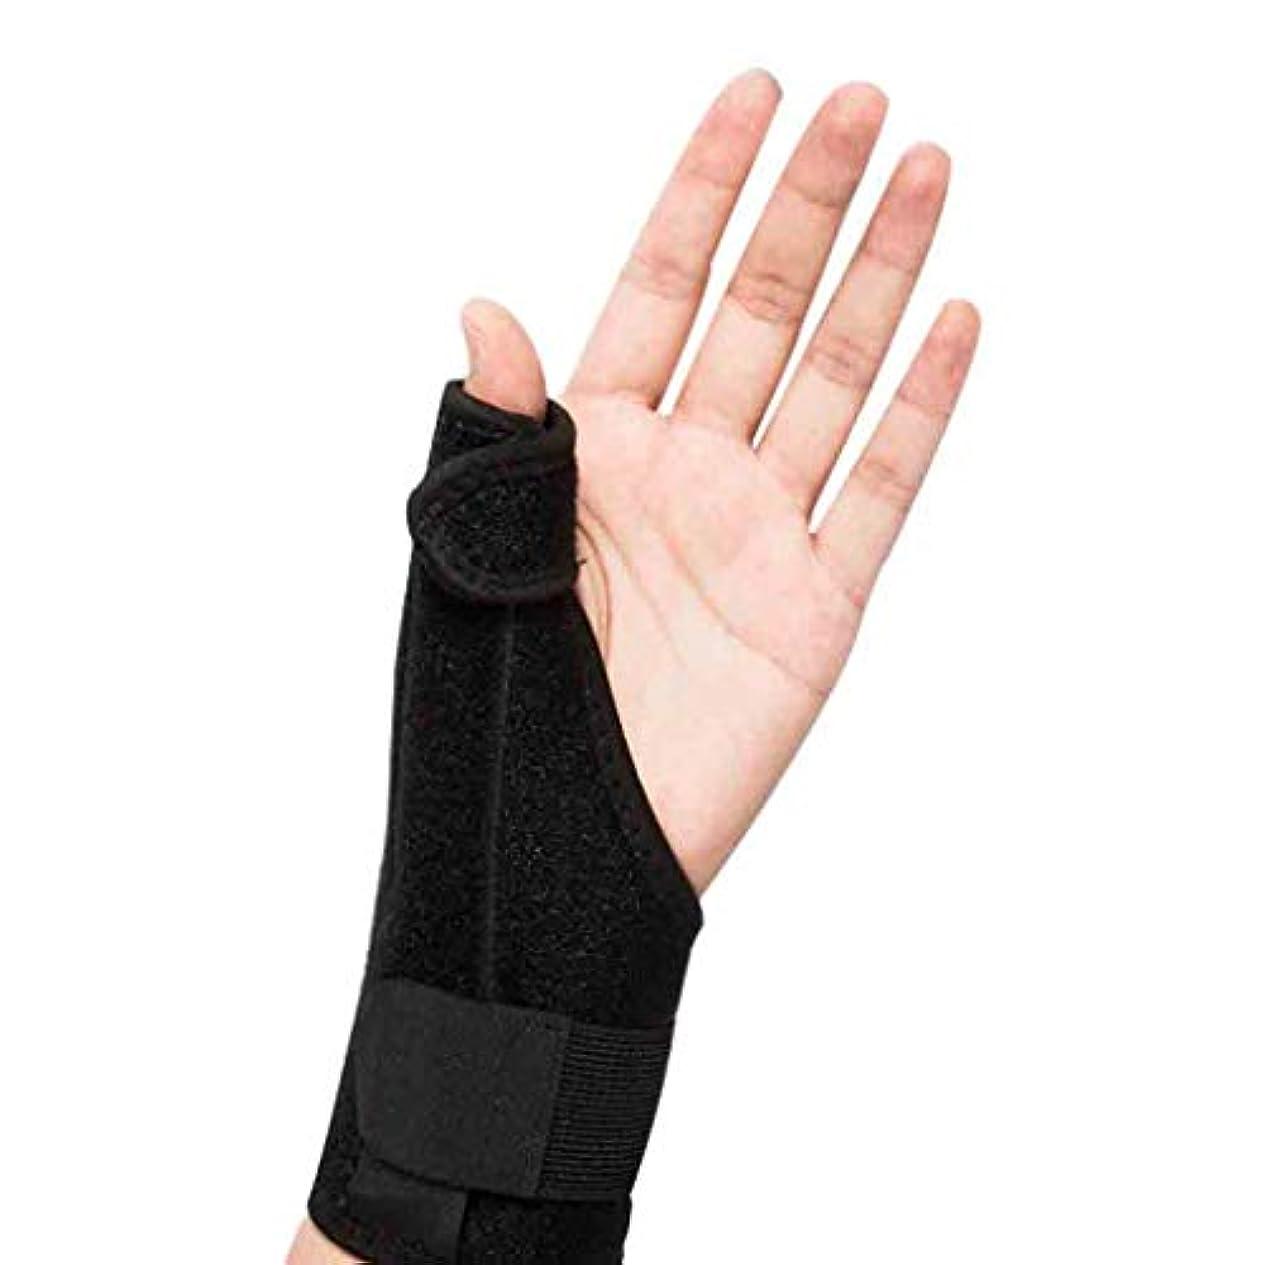 魅惑する選ぶマネージャーThumbスプリントトリガーThumb腱鞘炎Wristband関節炎トリートメントThumb捻挫の関節を固定&安定化するブレース Roscloud@